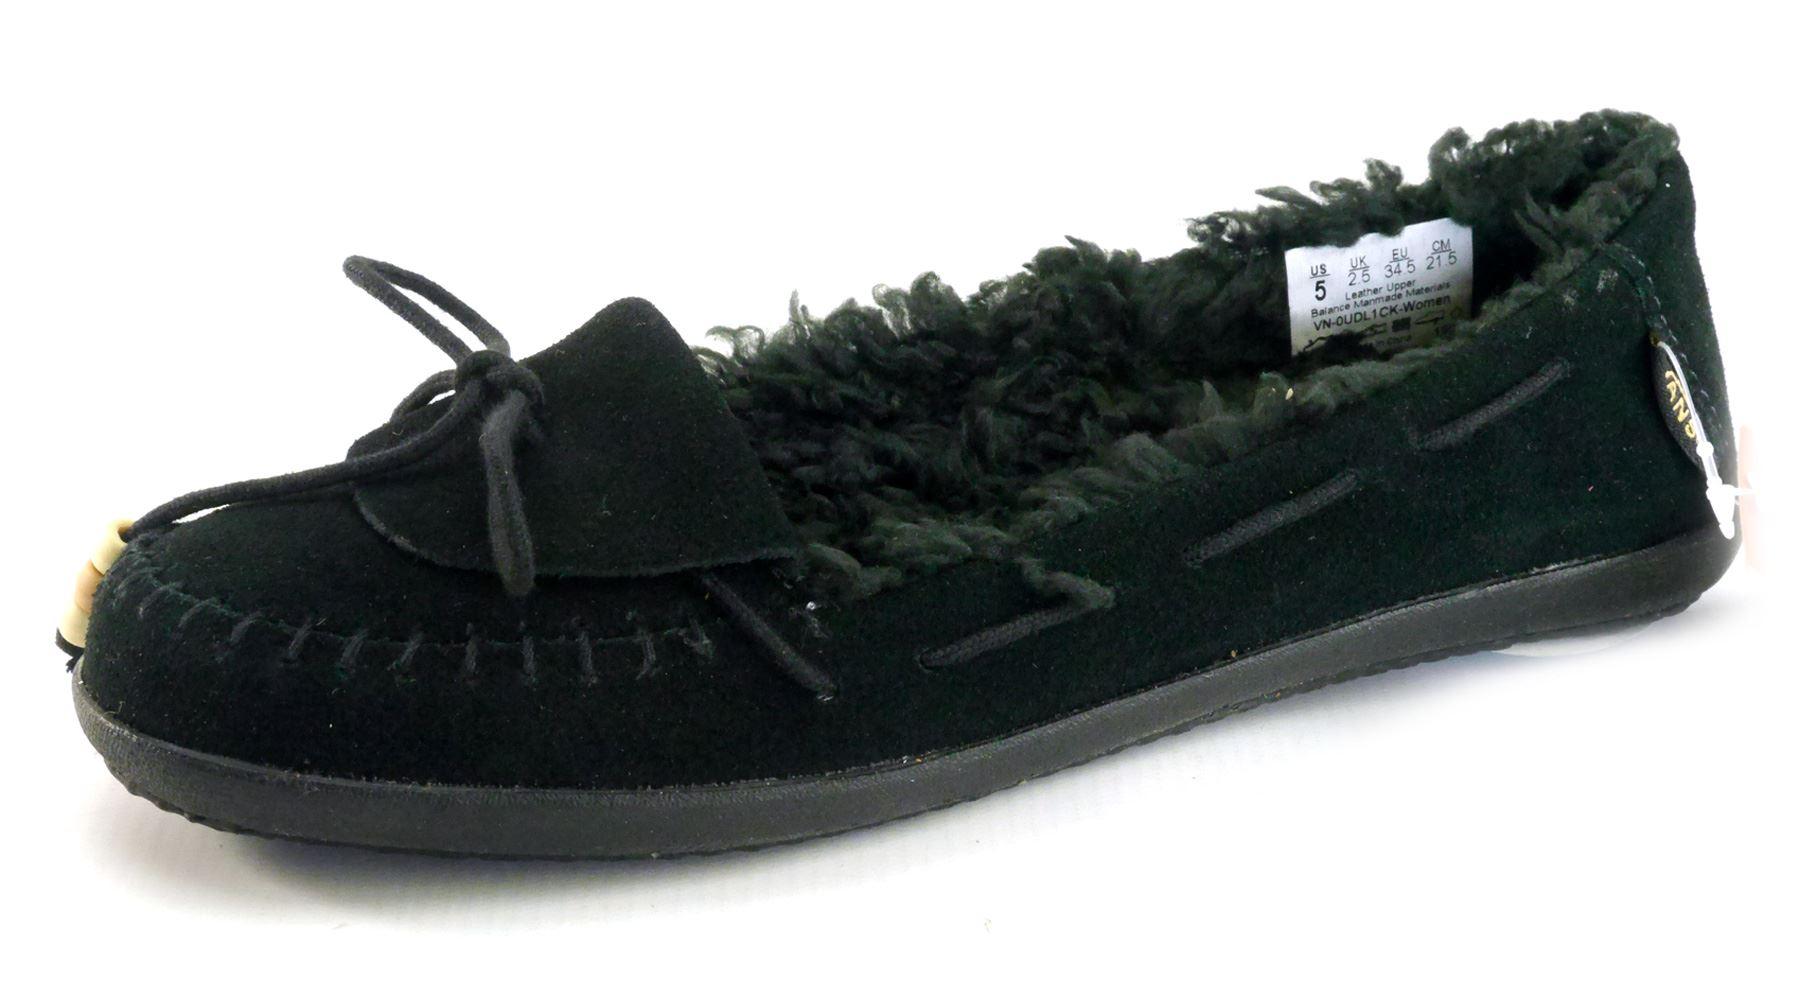 278216ea906b Details about Vans Ladies Black Fleece Casual Pumps Warm Shoes Black